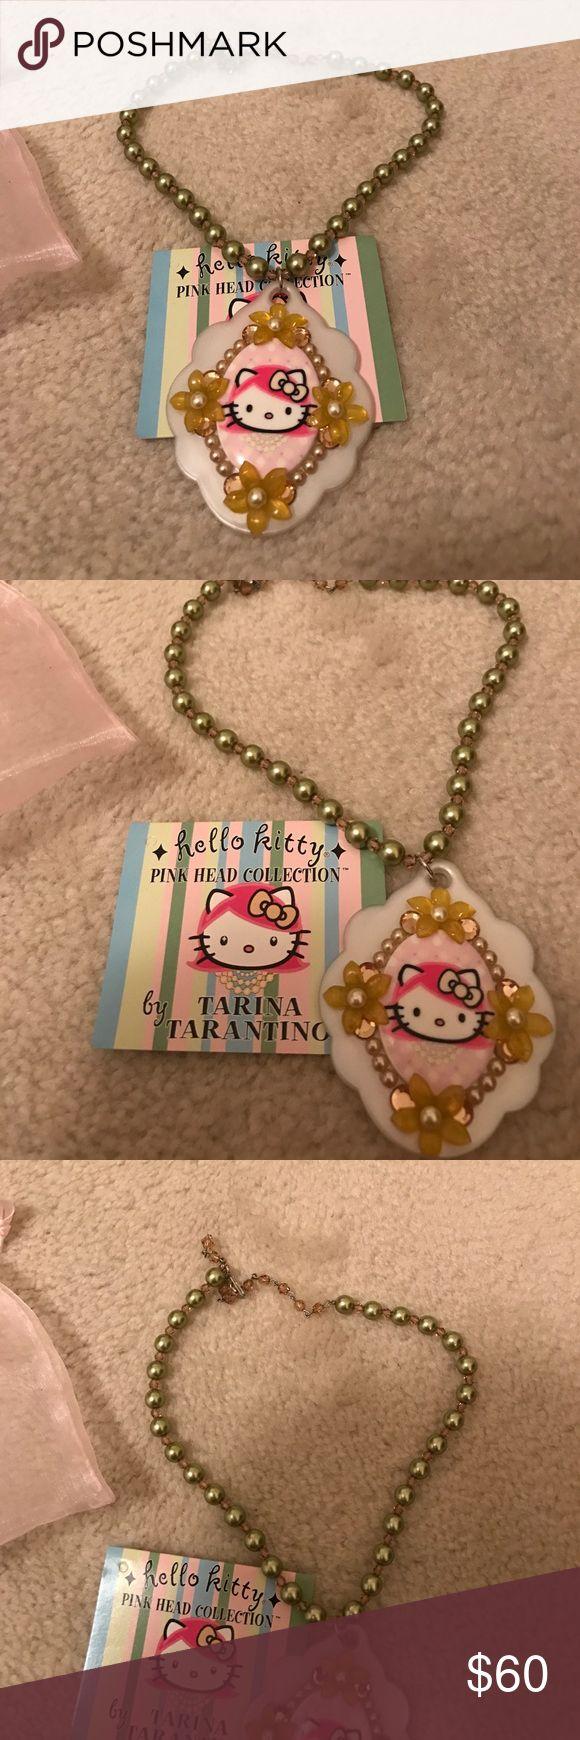 NEW TARINA TARANTINO Hello Kitty Necklace RARE Nwt rare necklace from the Hello Kitty Pink Head Collection by TARINA Tarantino Tarina Tarantino Jewelry